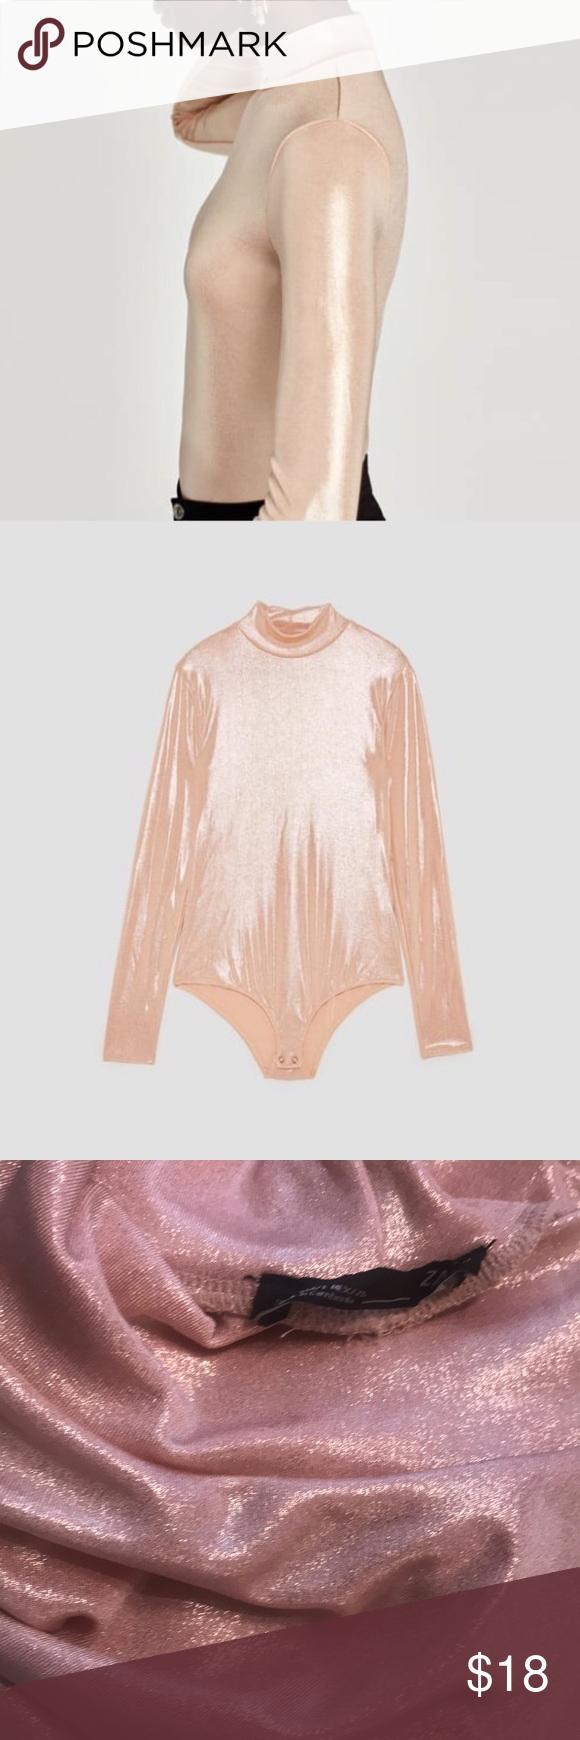 Zara Mock Turtleneck Shimmer Pink Bodysuit Top Sm Adorable pink/peachy shimmery …